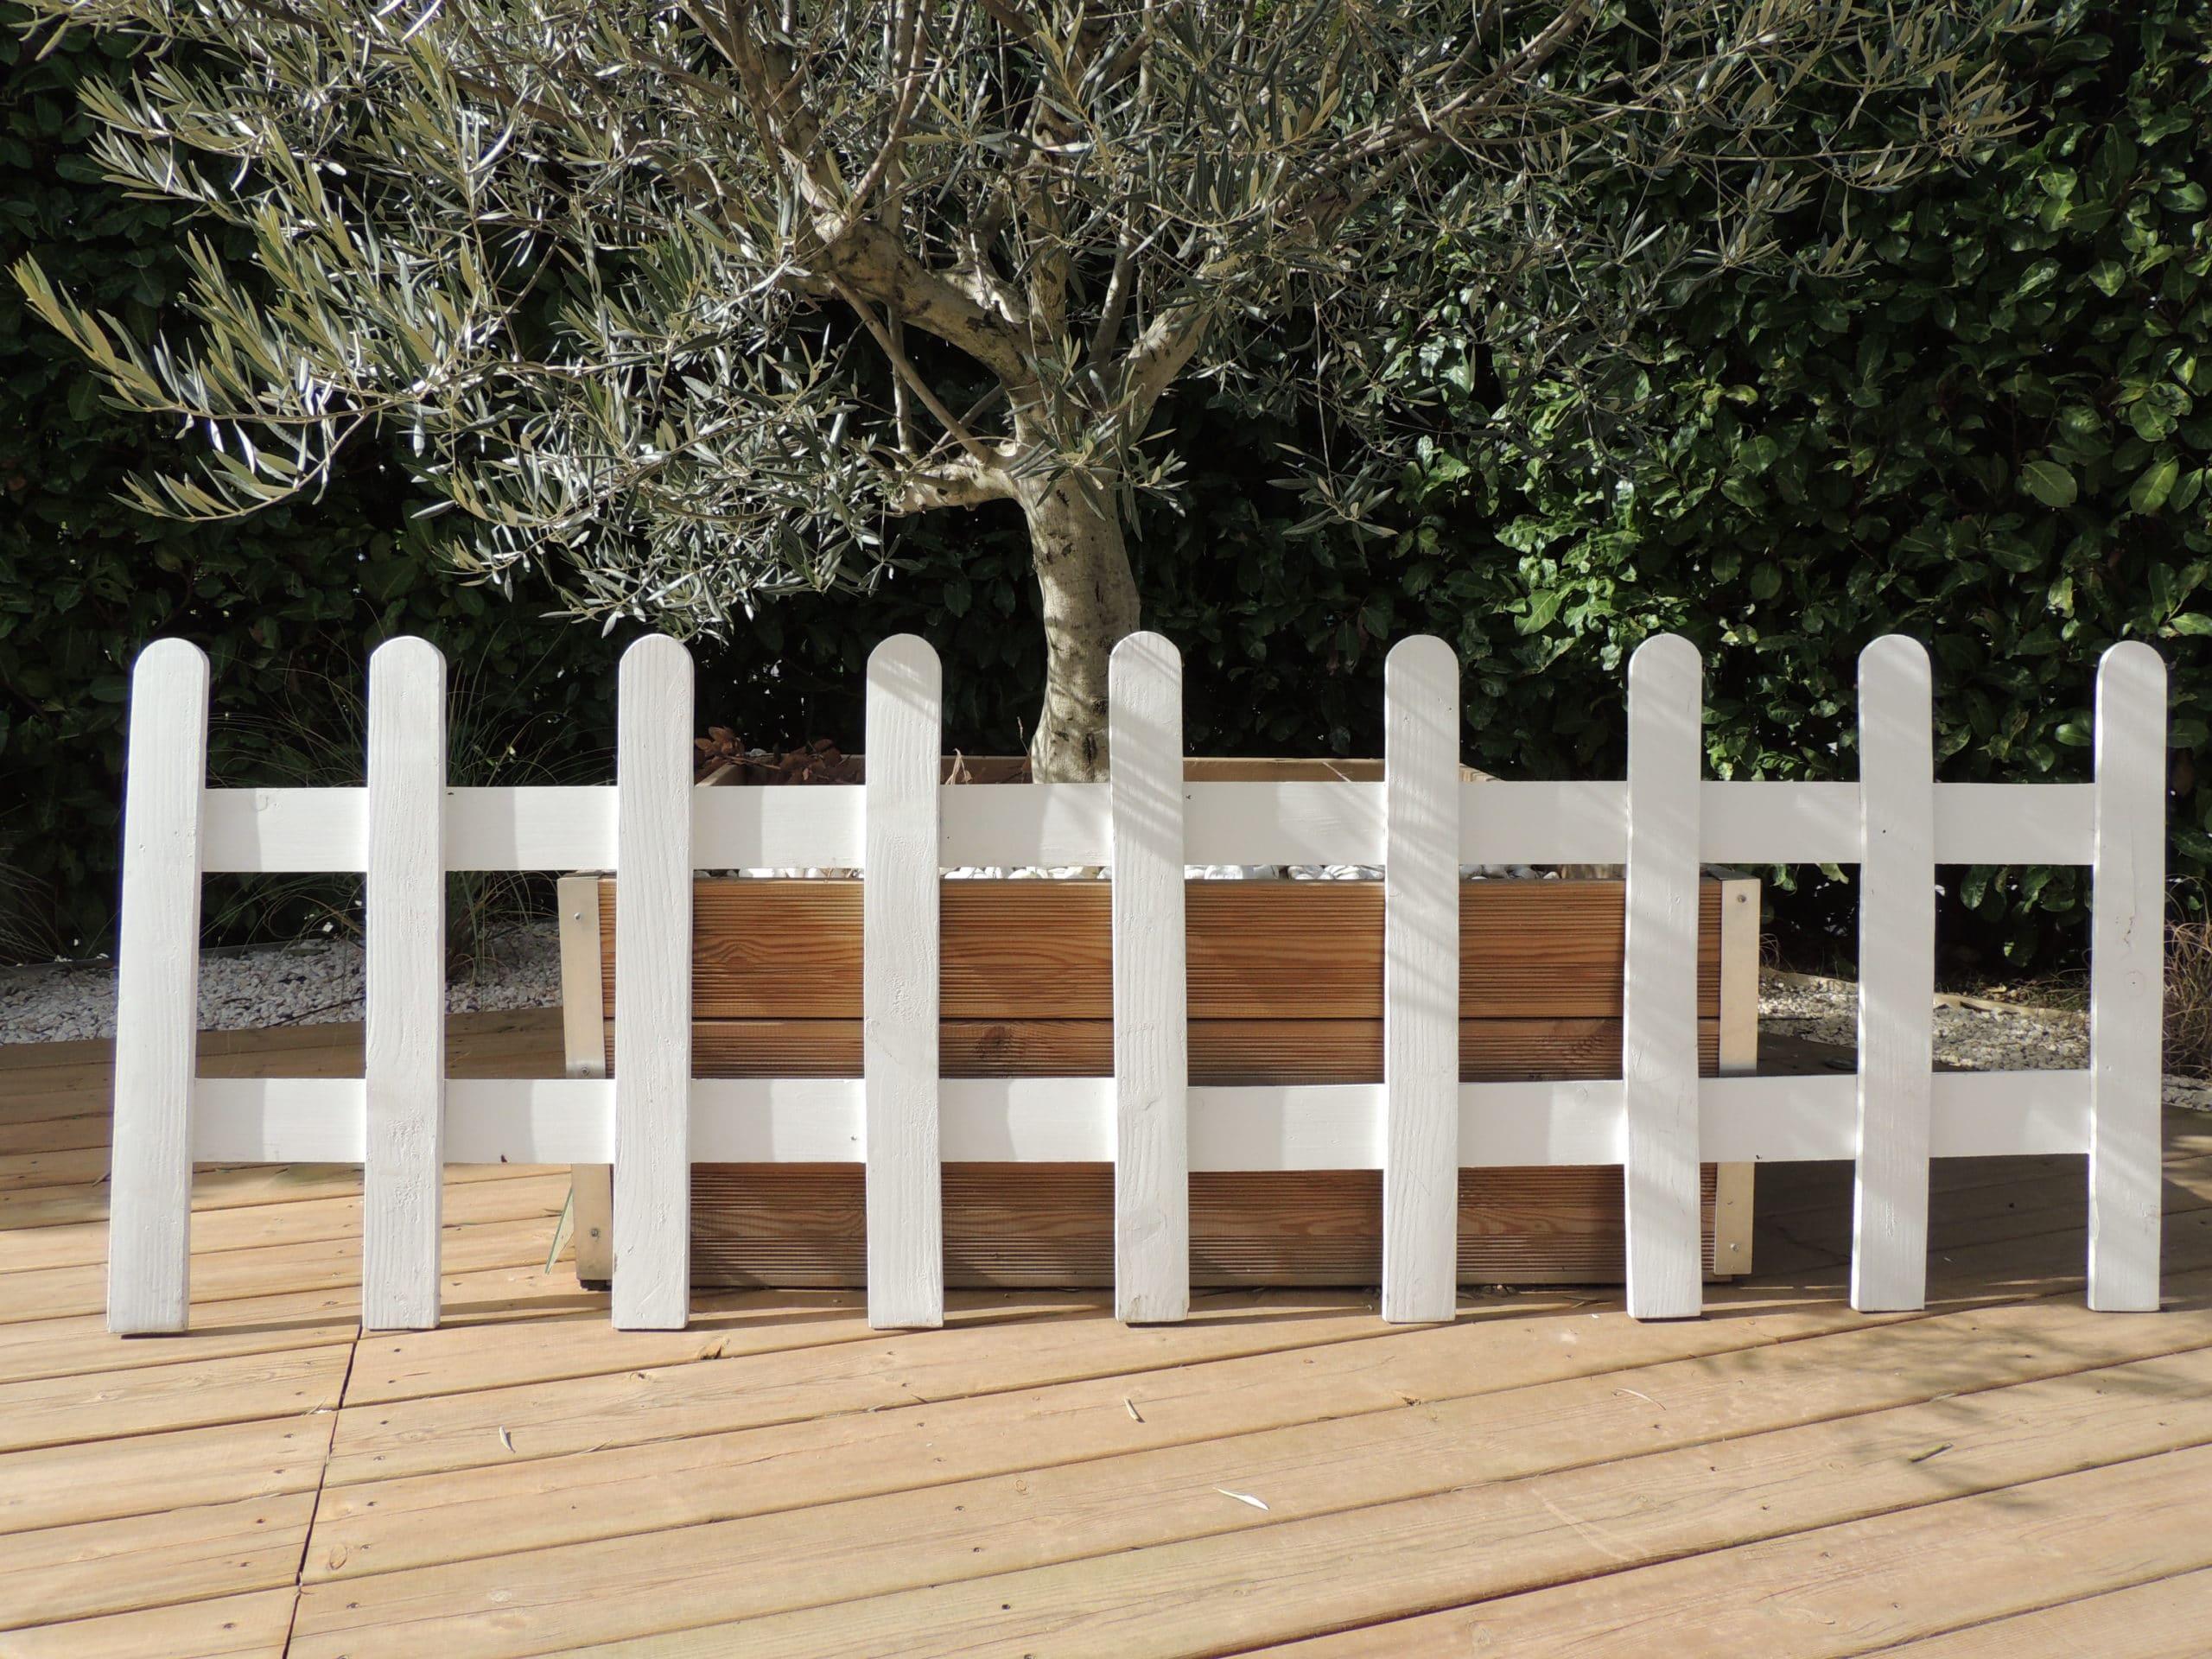 location d'une barrière en bois pour décorer votre mariage ou évènement, proposée par esprit pop'up